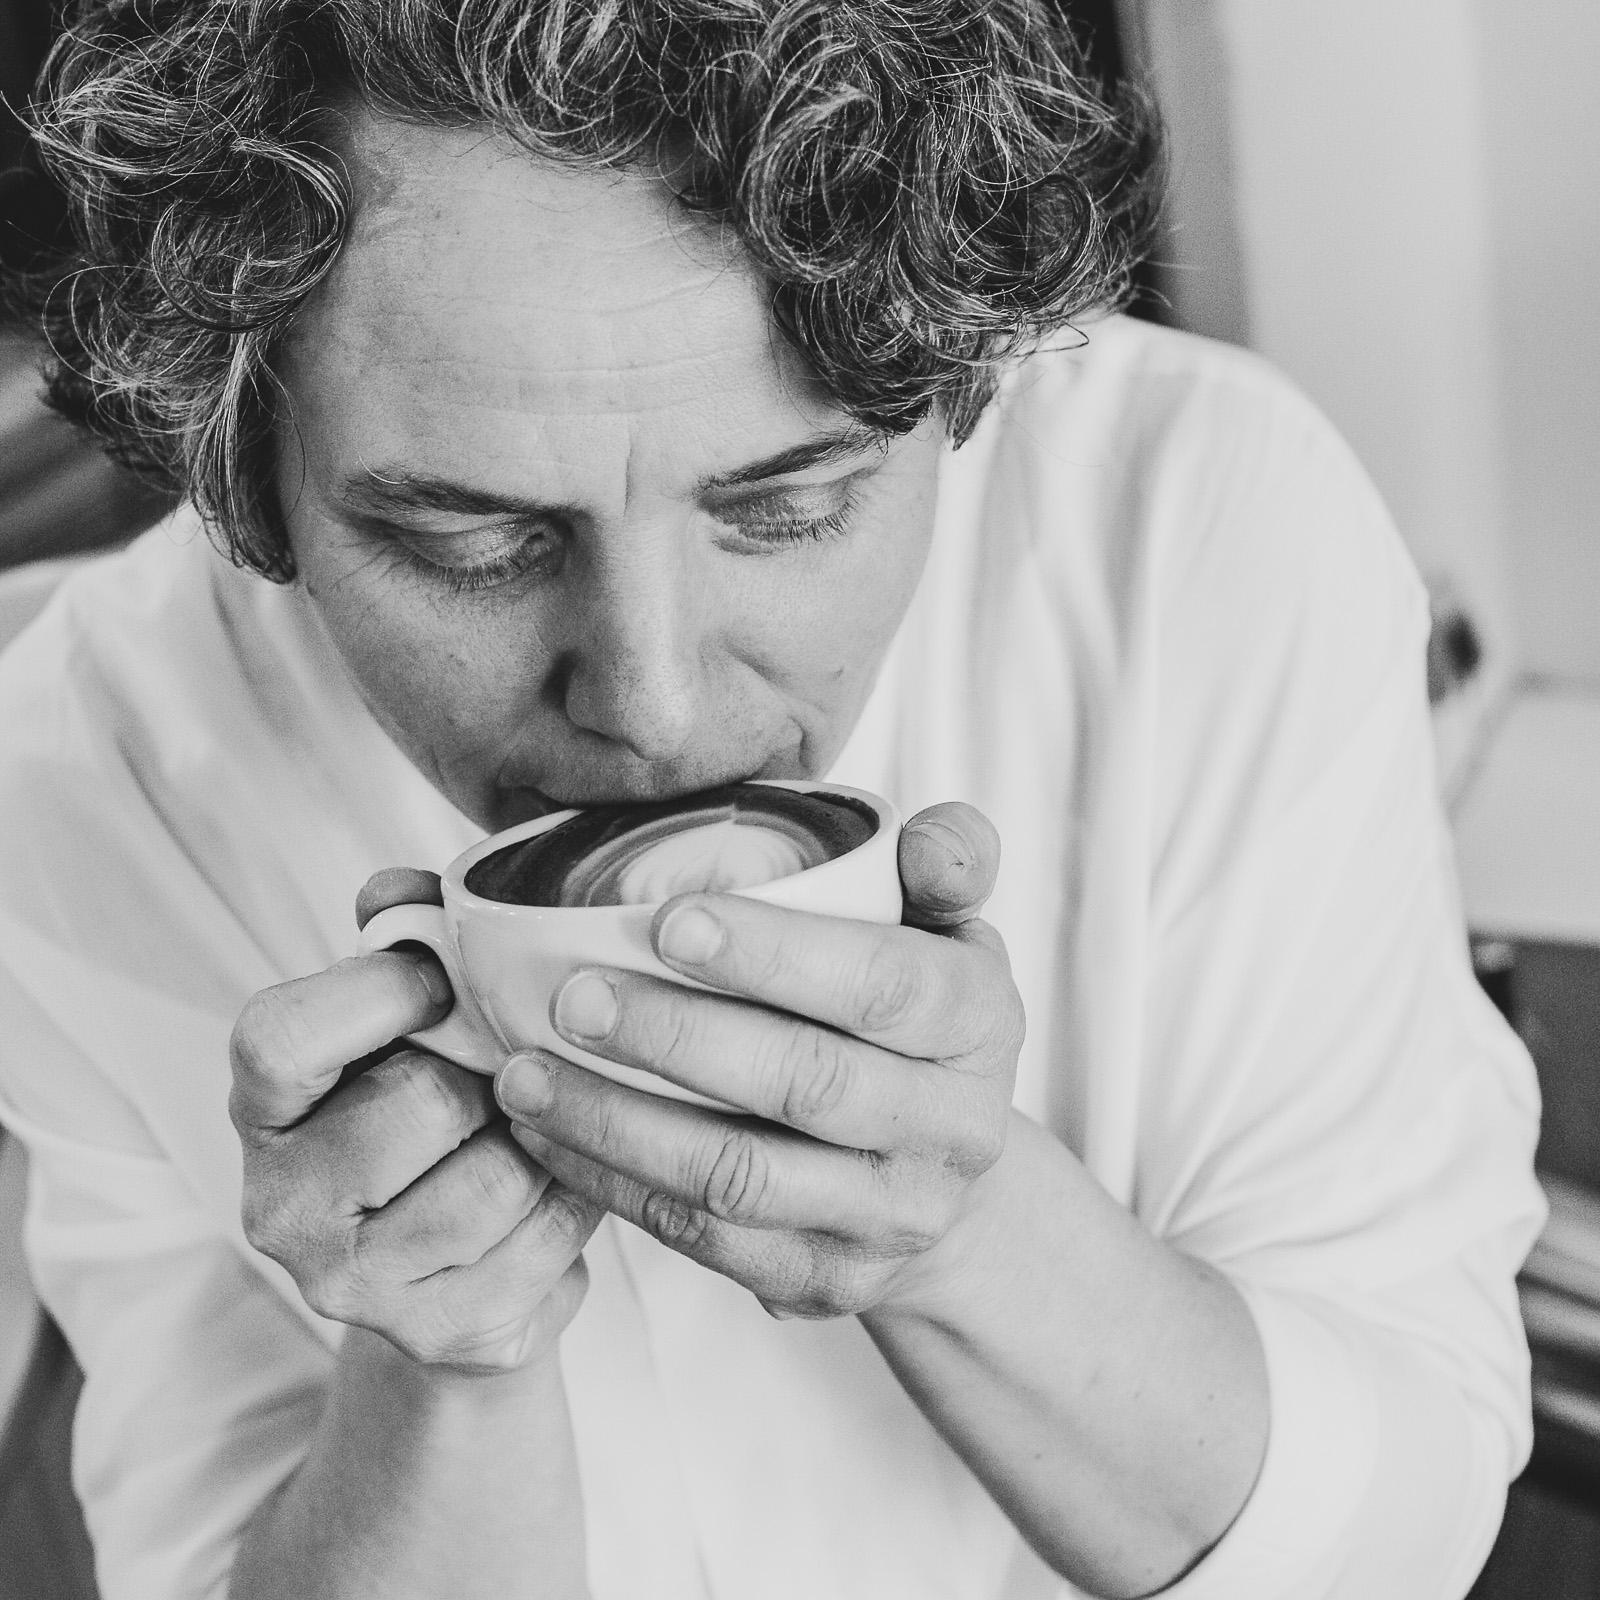 Frau trinkt Kaffee Unternehmensfotografie Yehdou Frau trinkt Kaffee